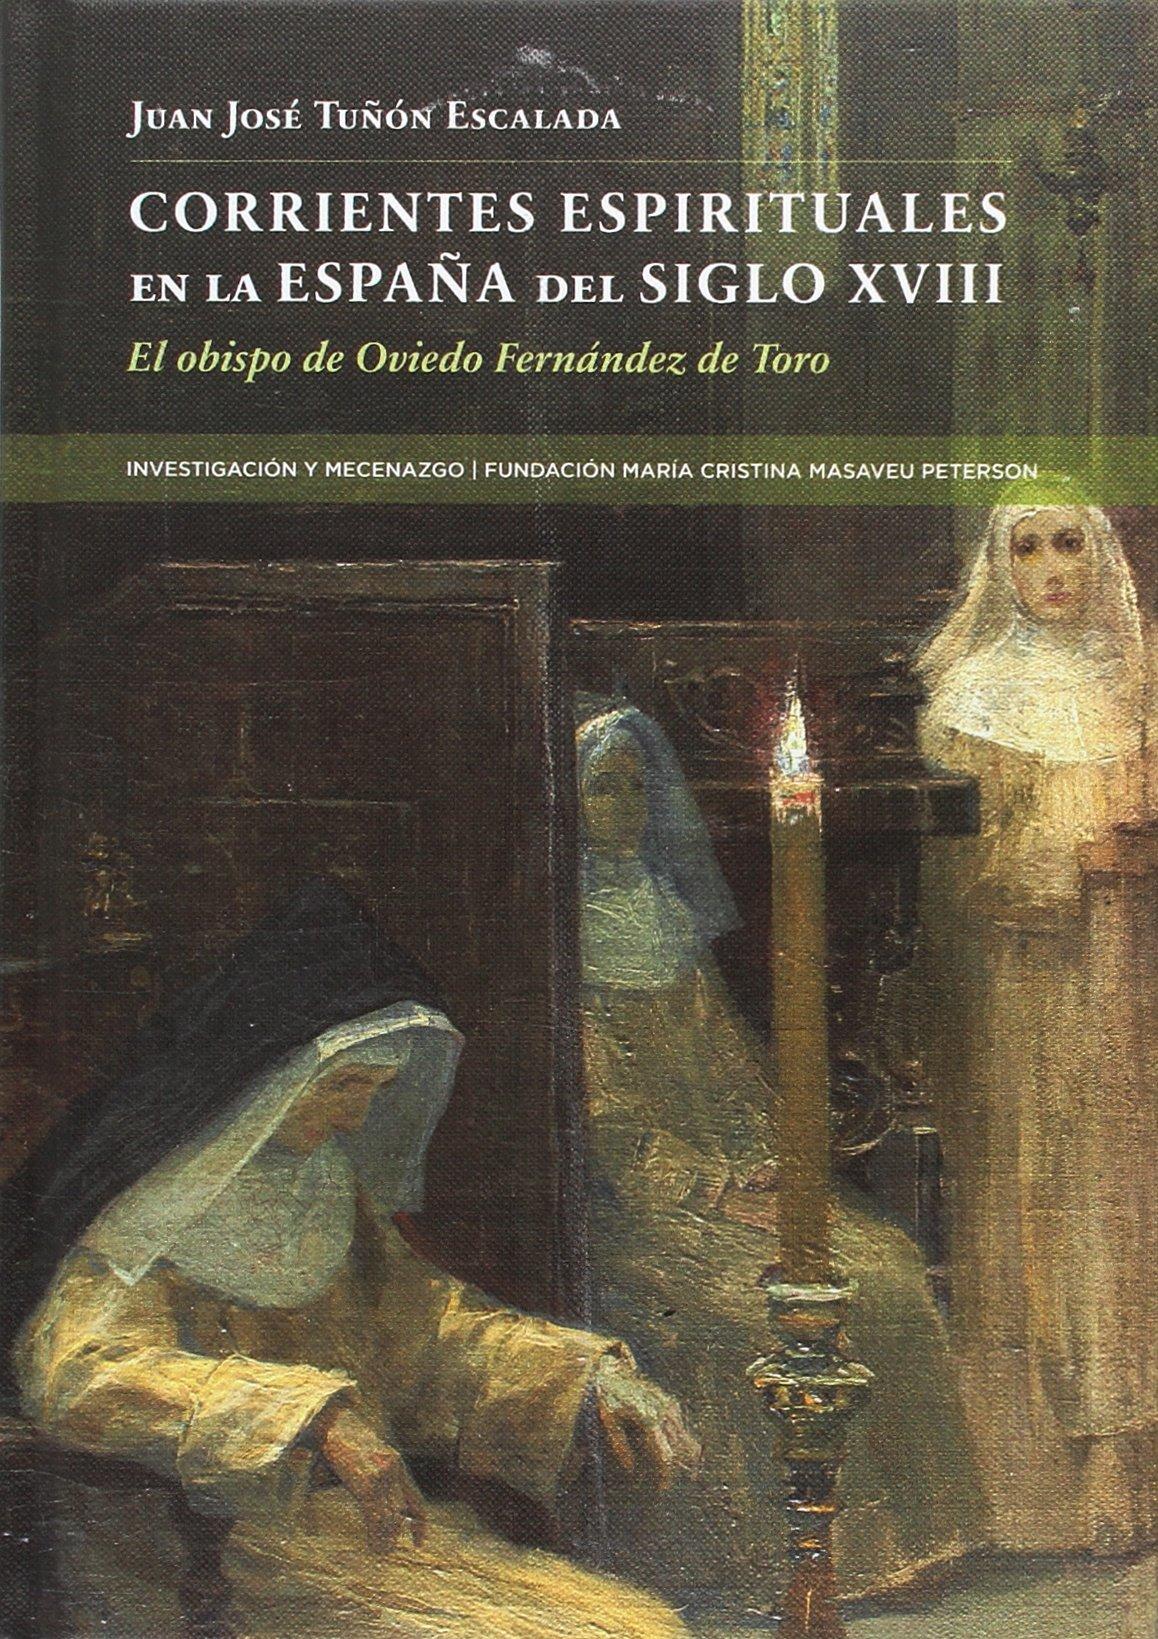 Corrientes espirituales en la España del siglo XVIII: Amazon.es: Juan José Tuñon Escalada, Juan José Tuñon Escalada: Libros